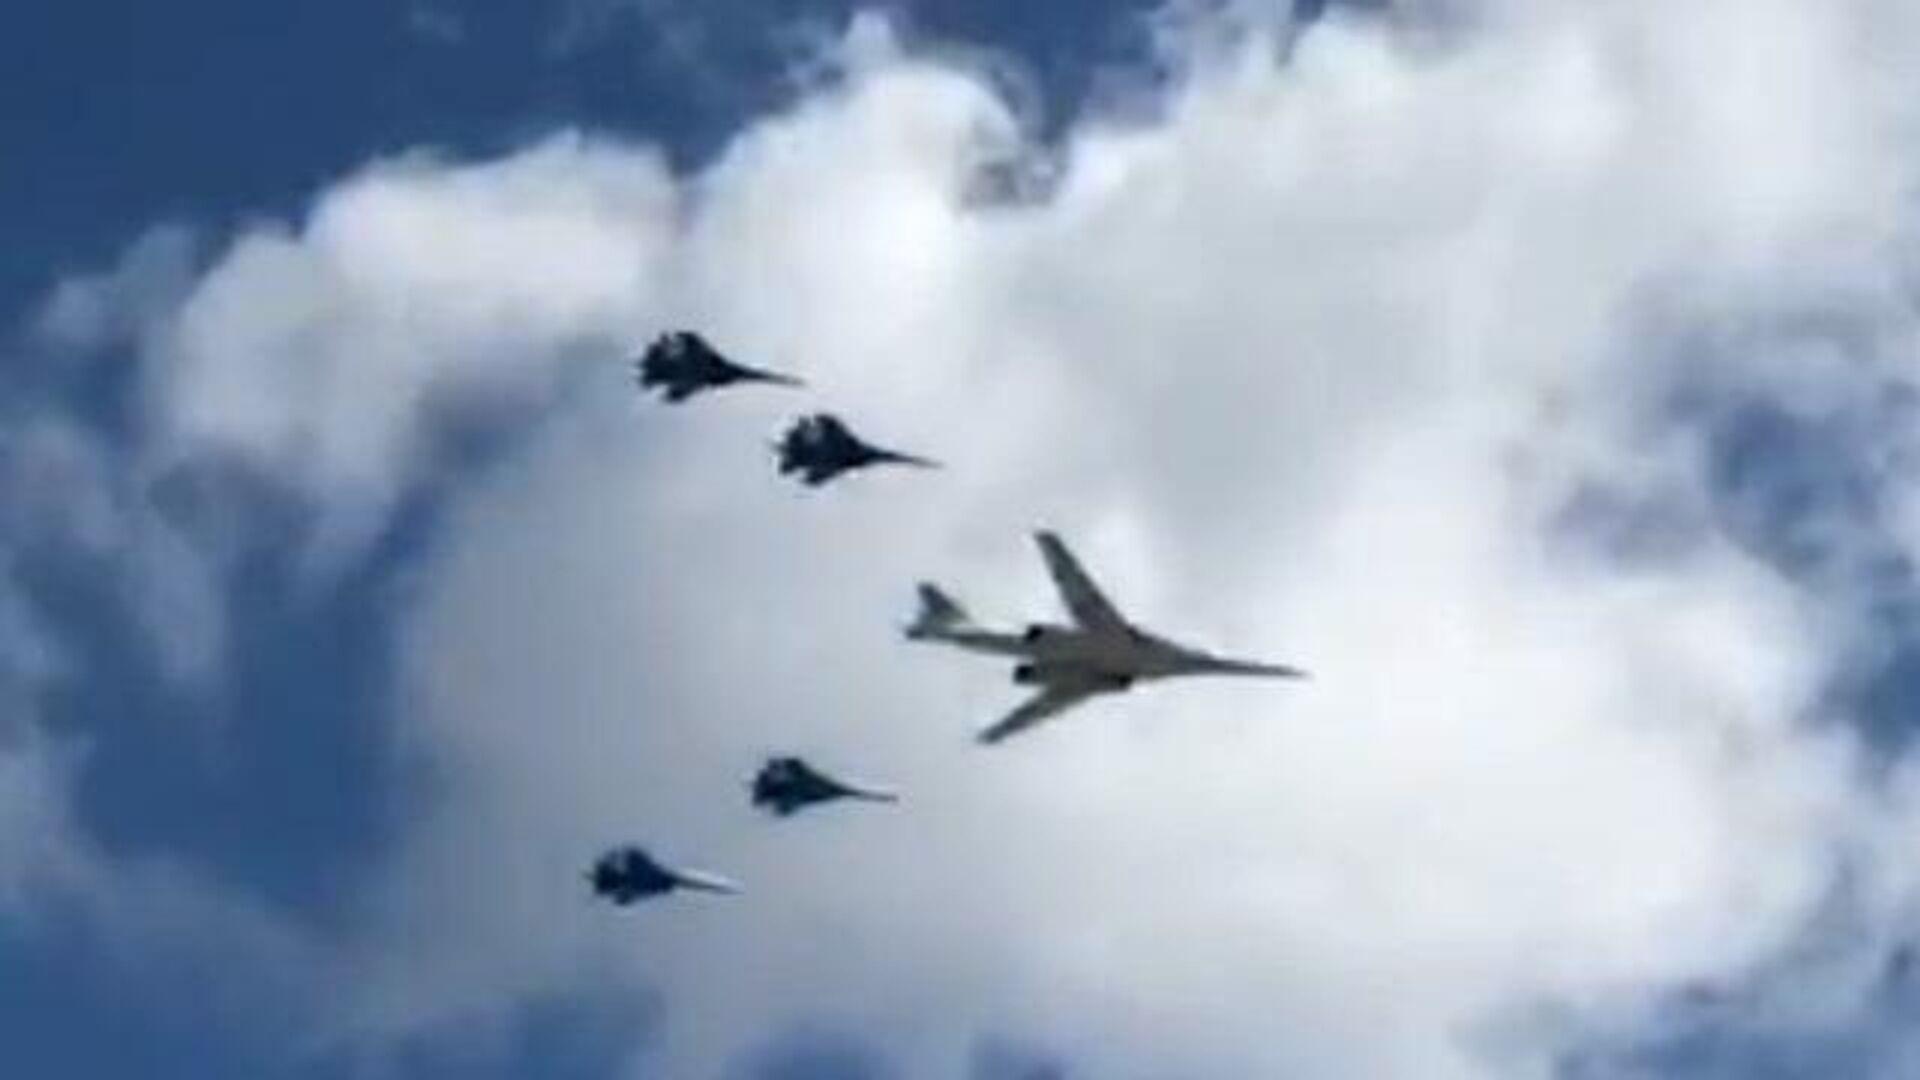 Авиационная тренировка парада Победы в небе над Москвой - РИА Новости, 1920, 05.05.2021